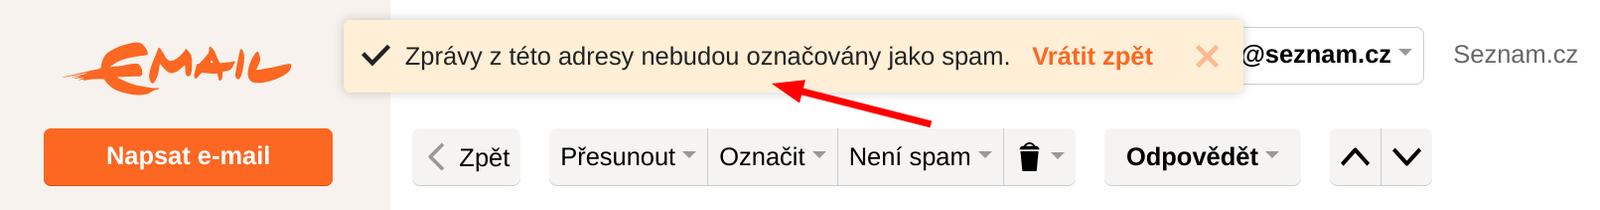 Potvrzení vynětí mailu ze složky Spam